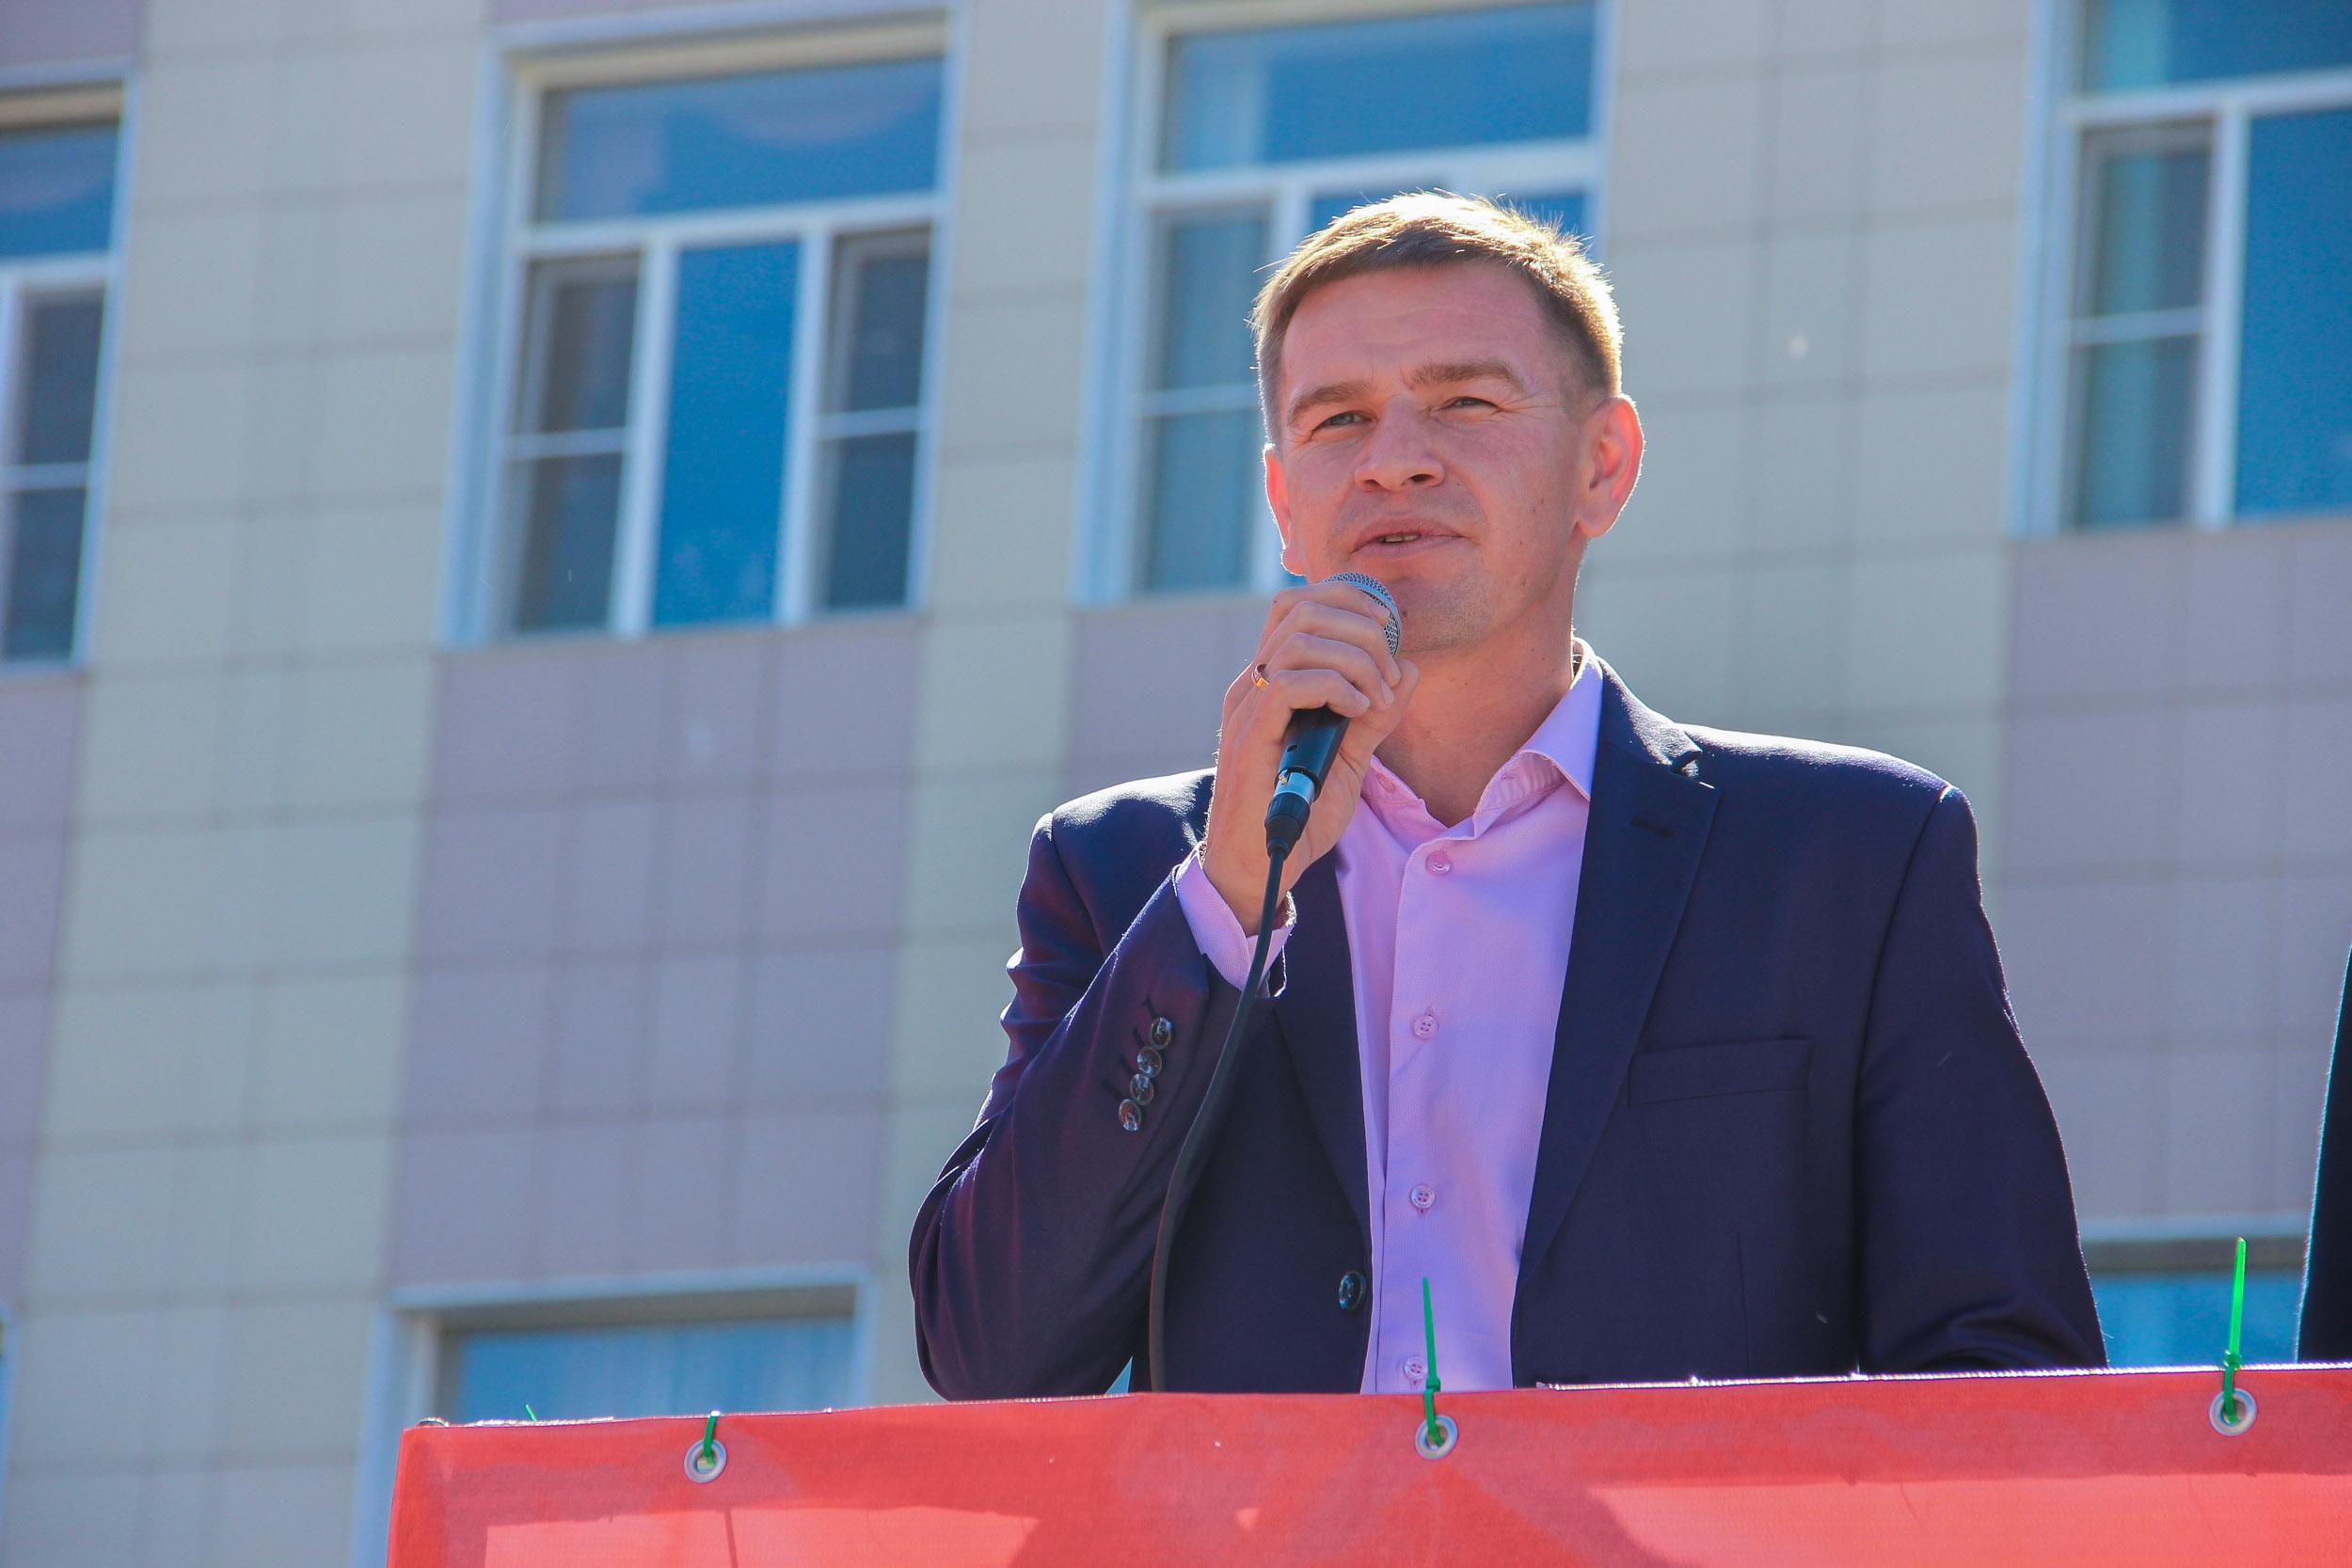 Выборы губернаторов отменят как минимум в семи регионах России 24.01.2013 69